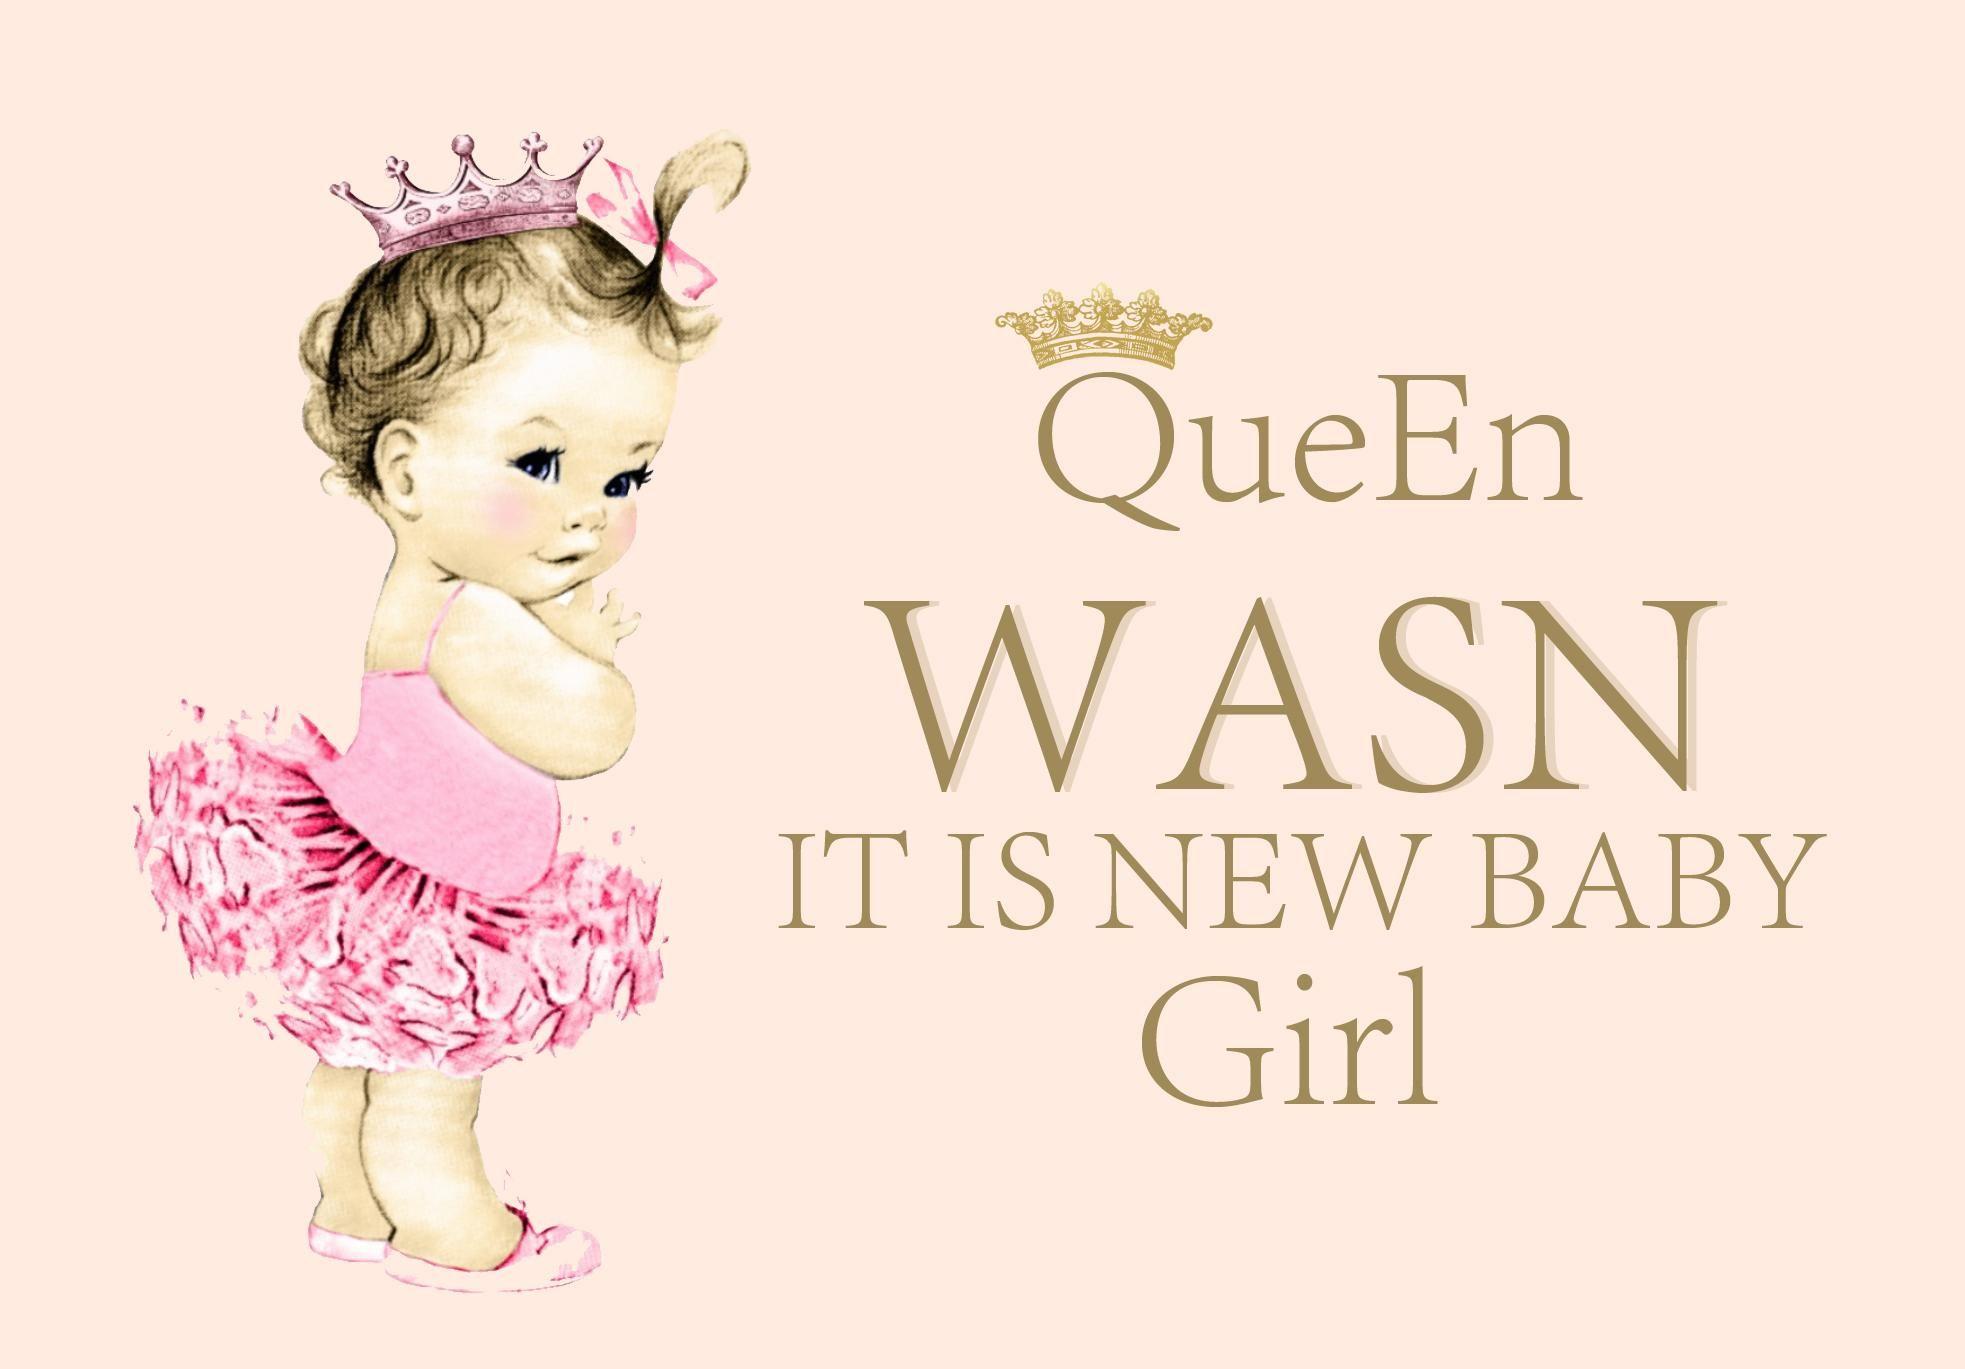 نتيجة بحث الصور عن عبارات ثيمات مواليد بنات New Baby Products New Baby Girls Witchy Wallpaper